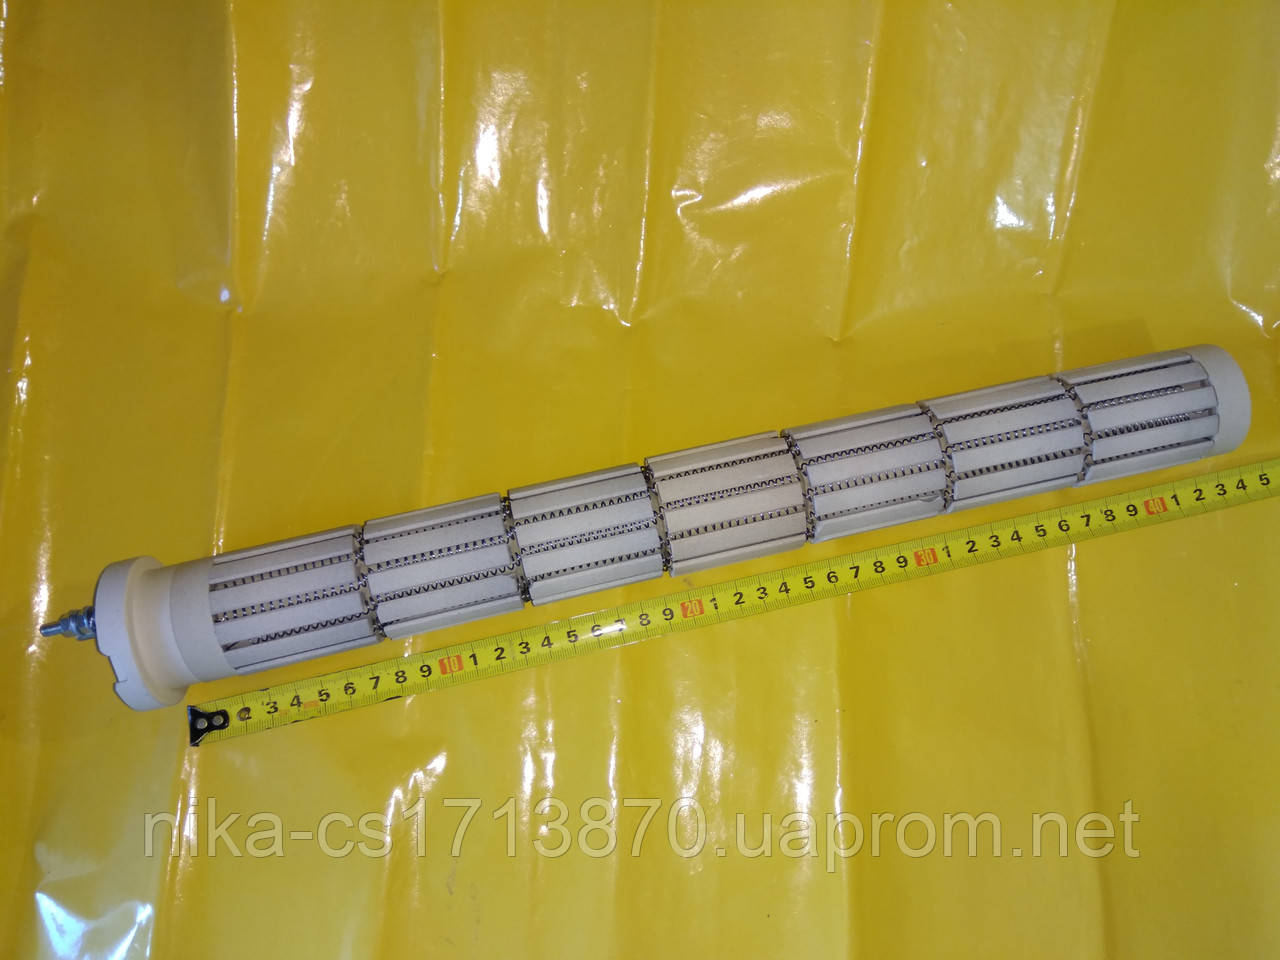 Тэн сухой СТЕАТИТОВЫЙ керамический 2.4квт./230В/430мм. для бойлеров Thermex Ferroli Atlantic Произ. ELECTRON-T